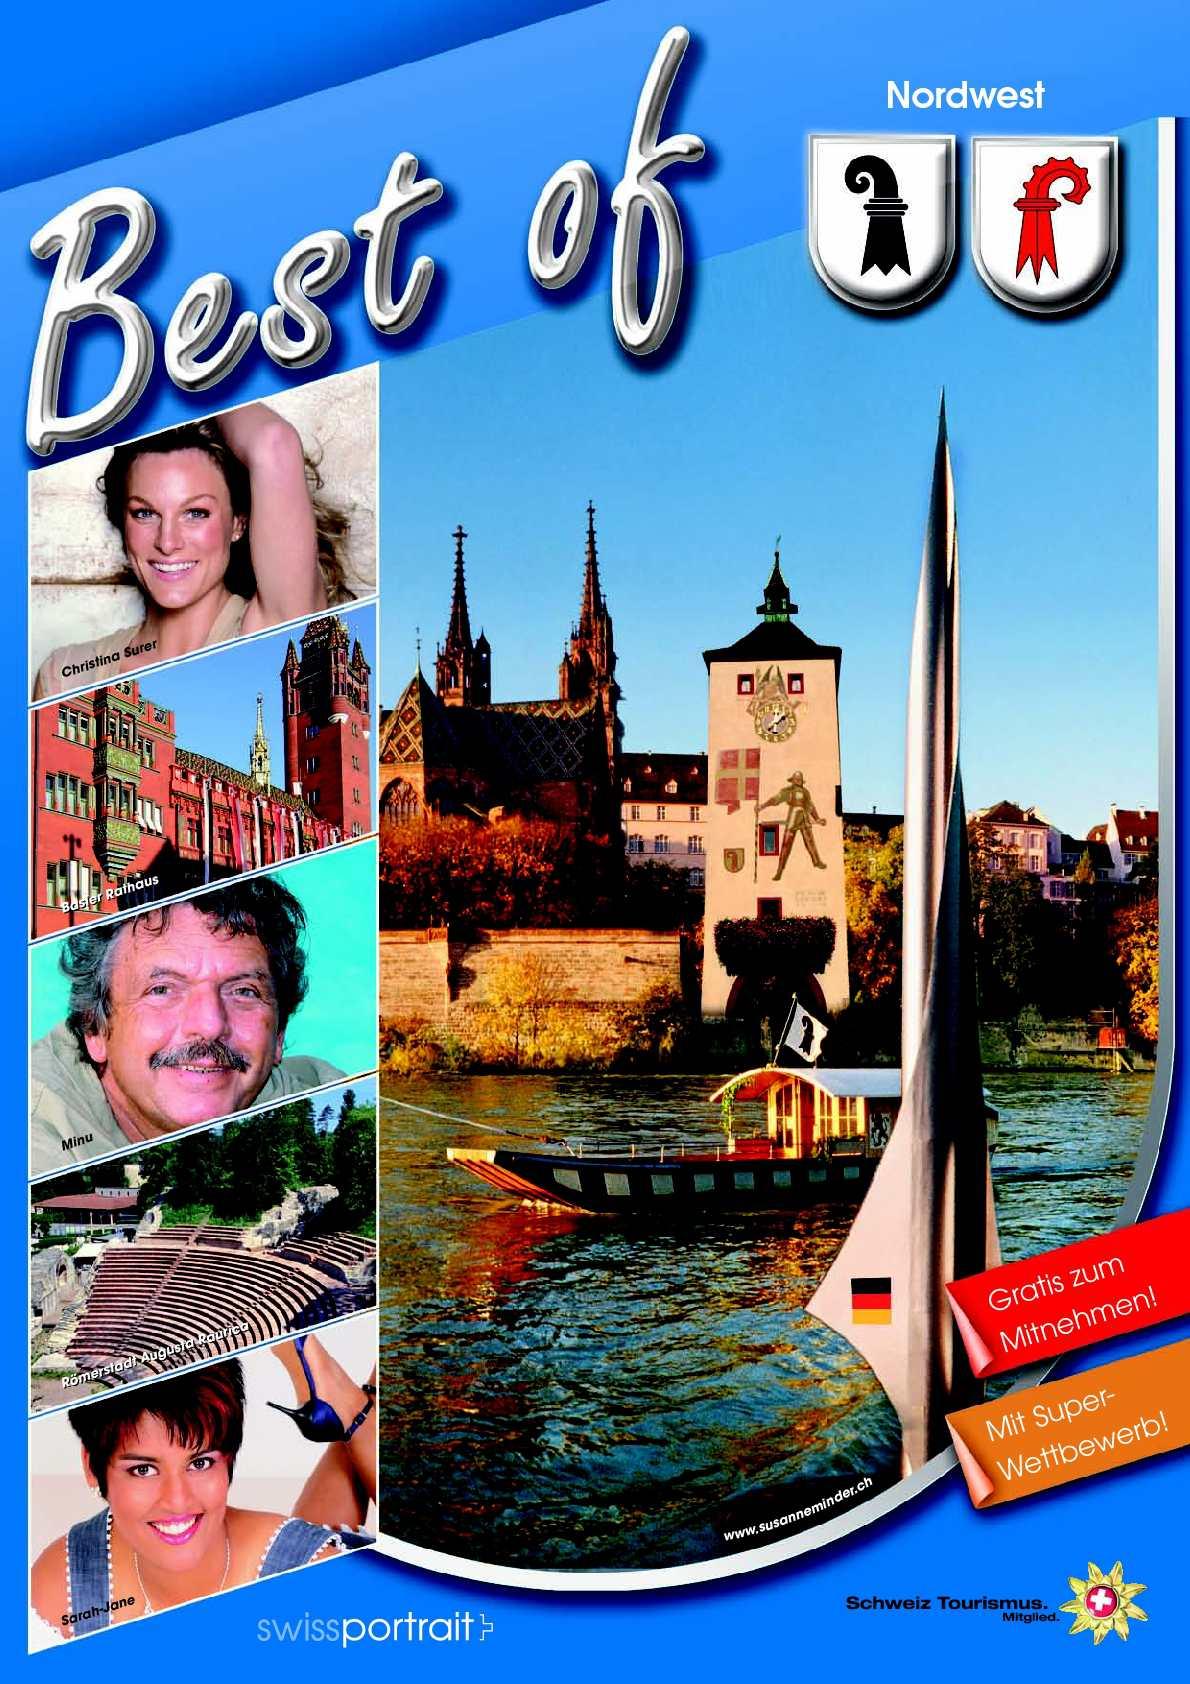 Calaméo - Swissportrait - Best of Nordwest, Ausgabe 2010